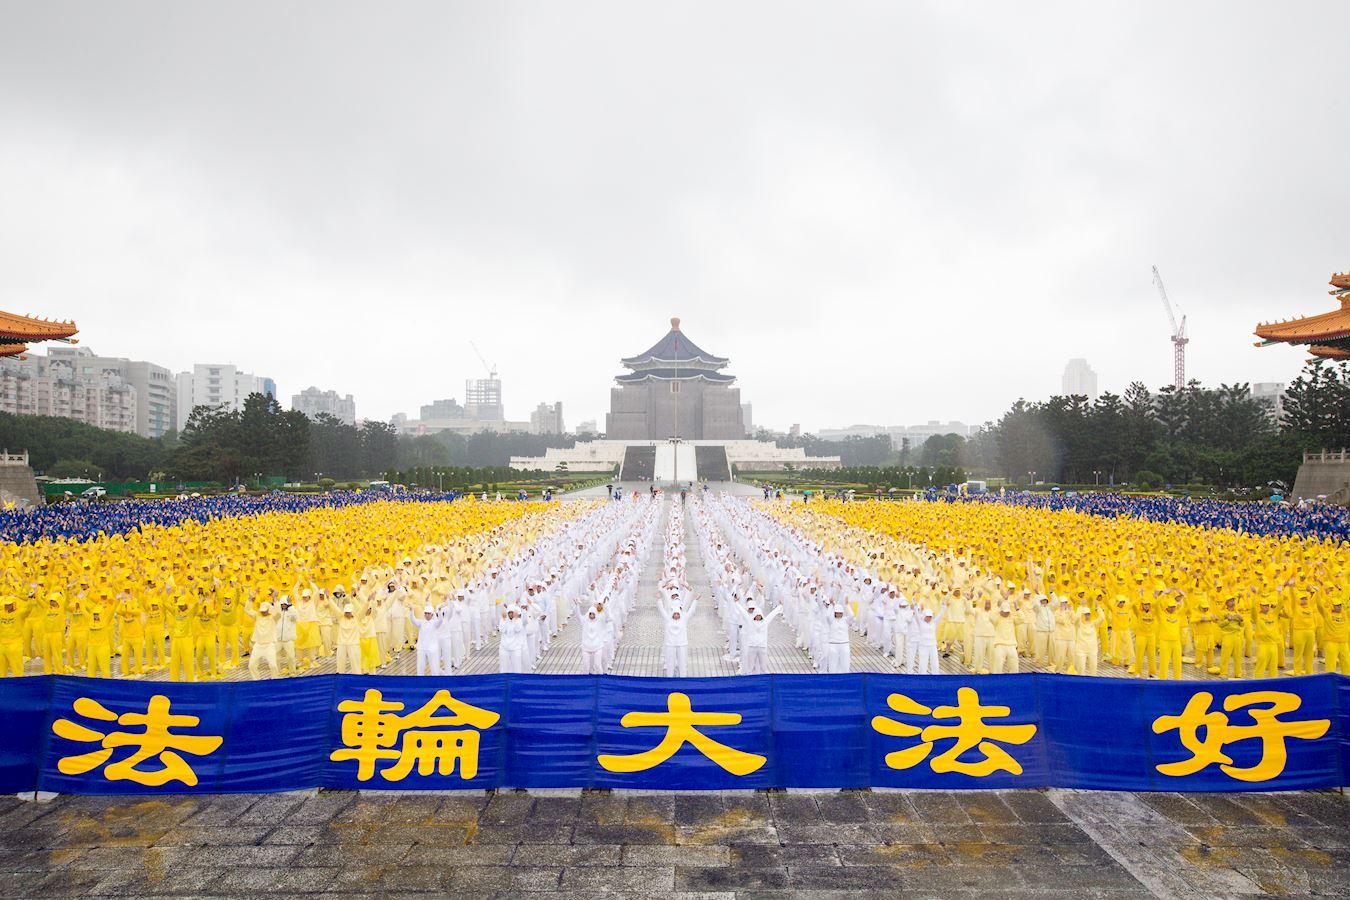 2017年11月25日,約6,400名法輪功學員在台北自由廣場舉行大型集體煉功活動。(明慧網)